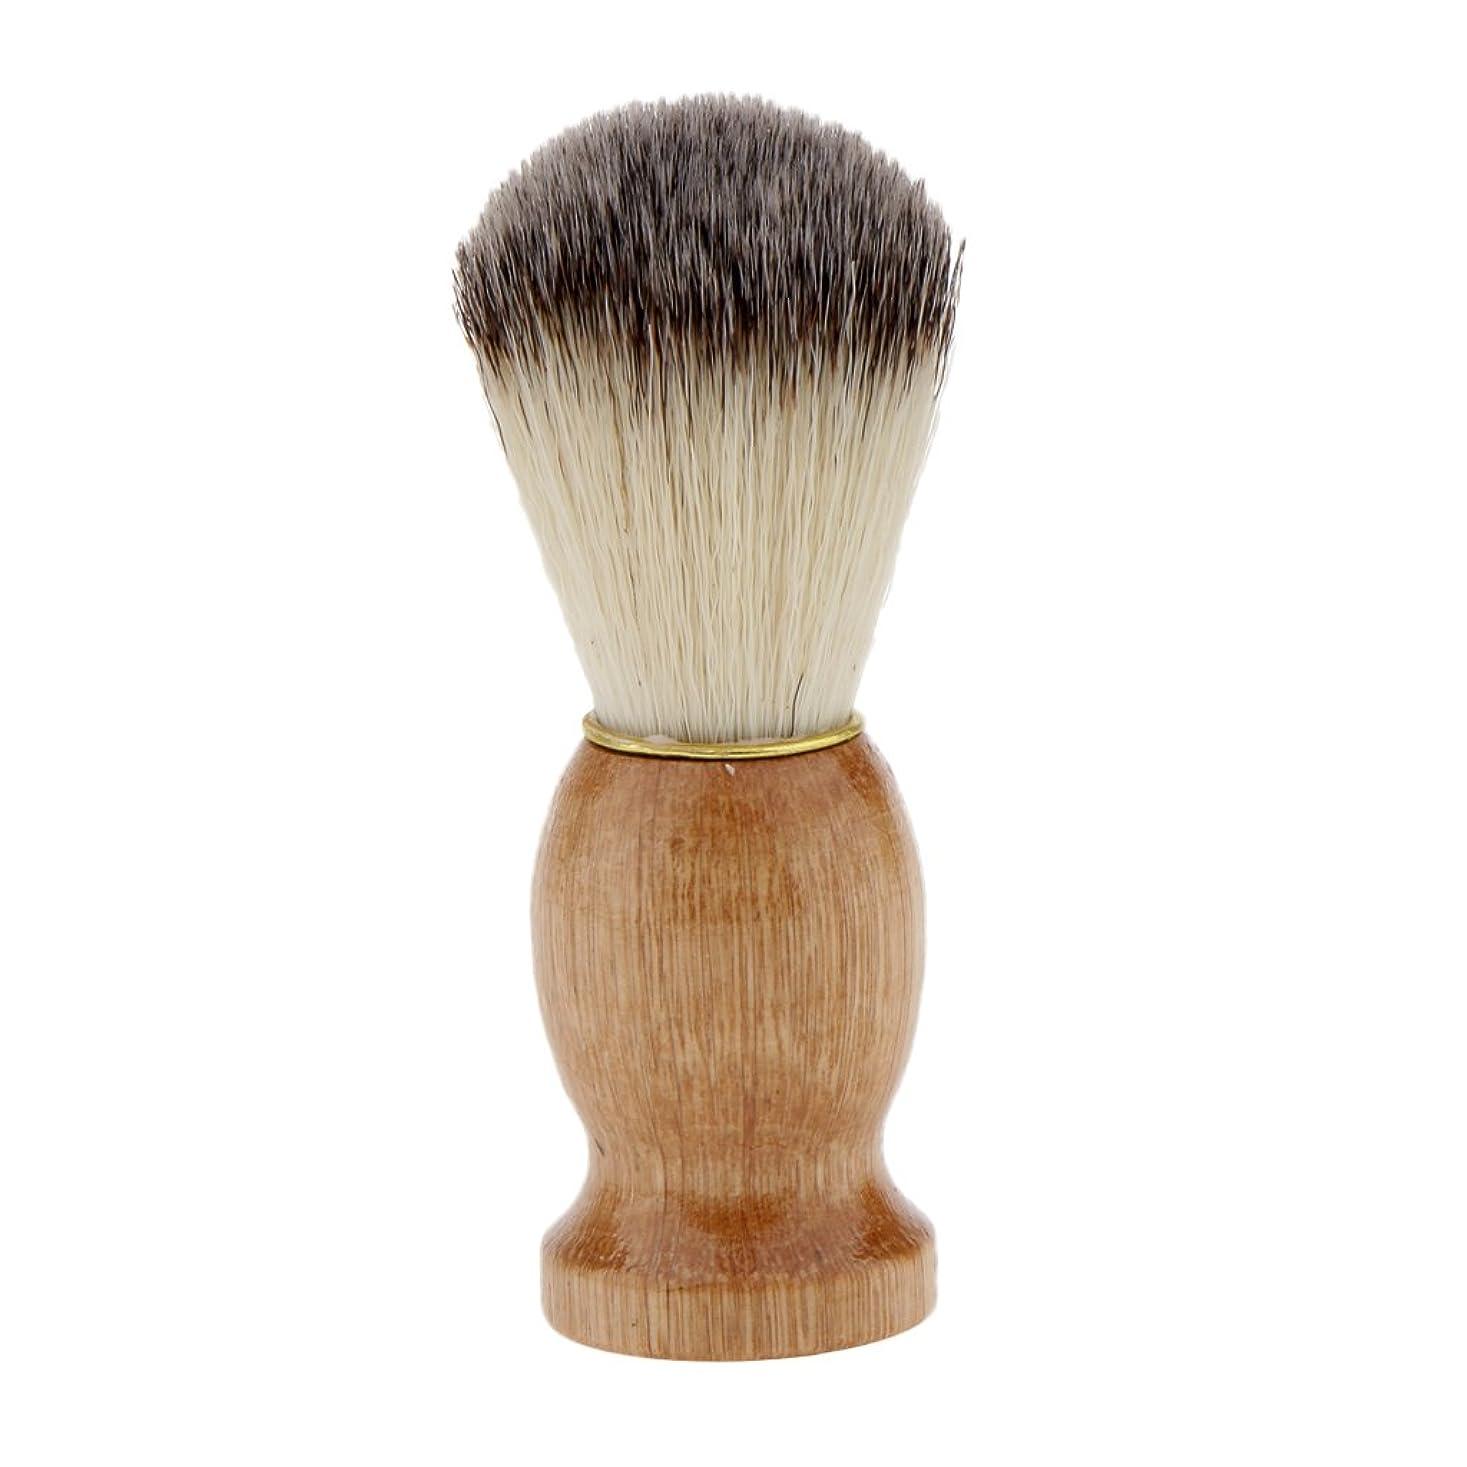 社員好奇心クックシェービングブラシ ひげ剃りブラシ 洗顔 コスメブラシ 木製ハンドル メンズ 高品質 プレゼント